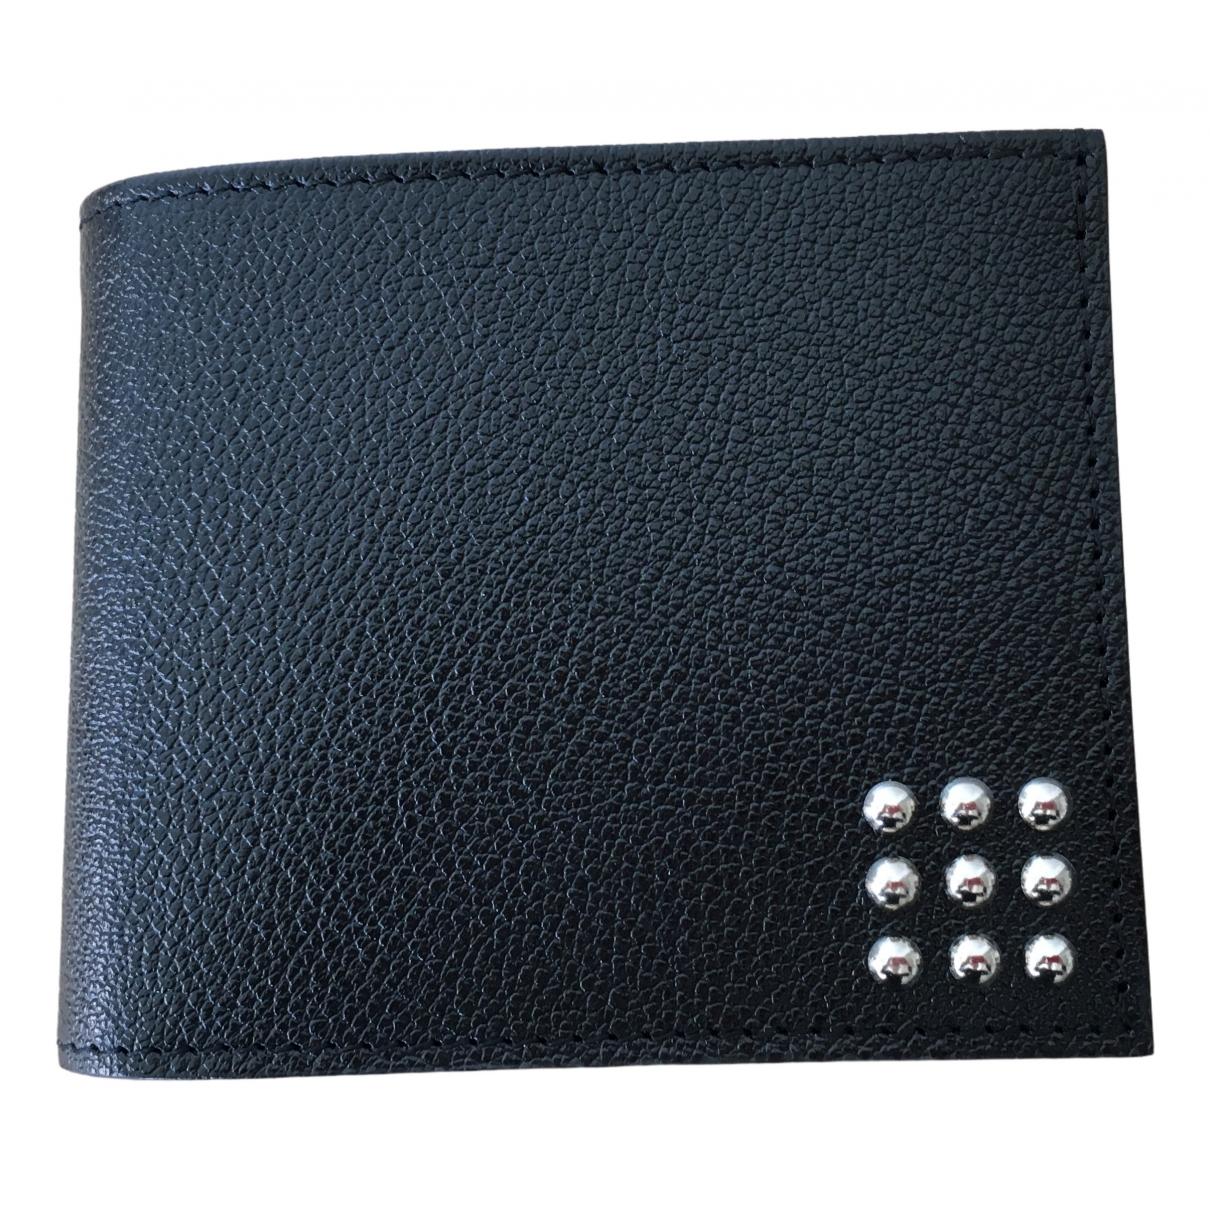 Laffargue - Petite maroquinerie   pour homme en cuir - noir